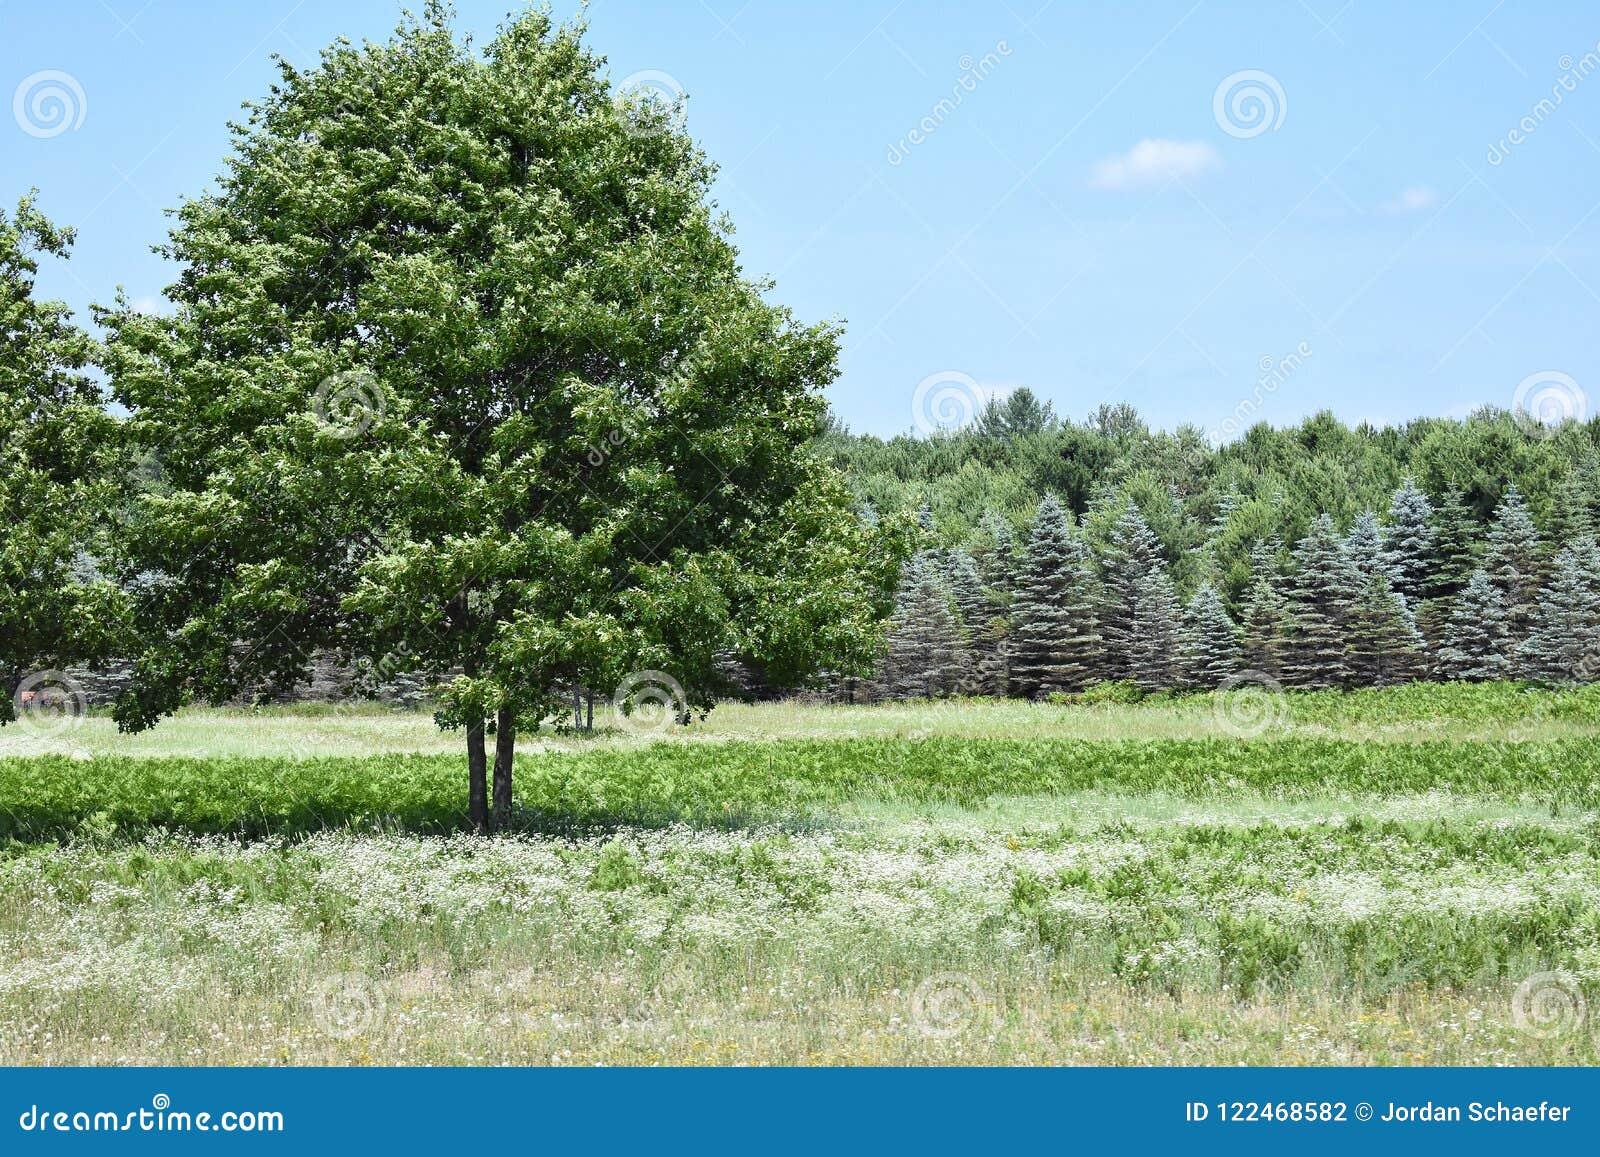 Boom in een weiland door Kerstbomen wordt gevoerd die